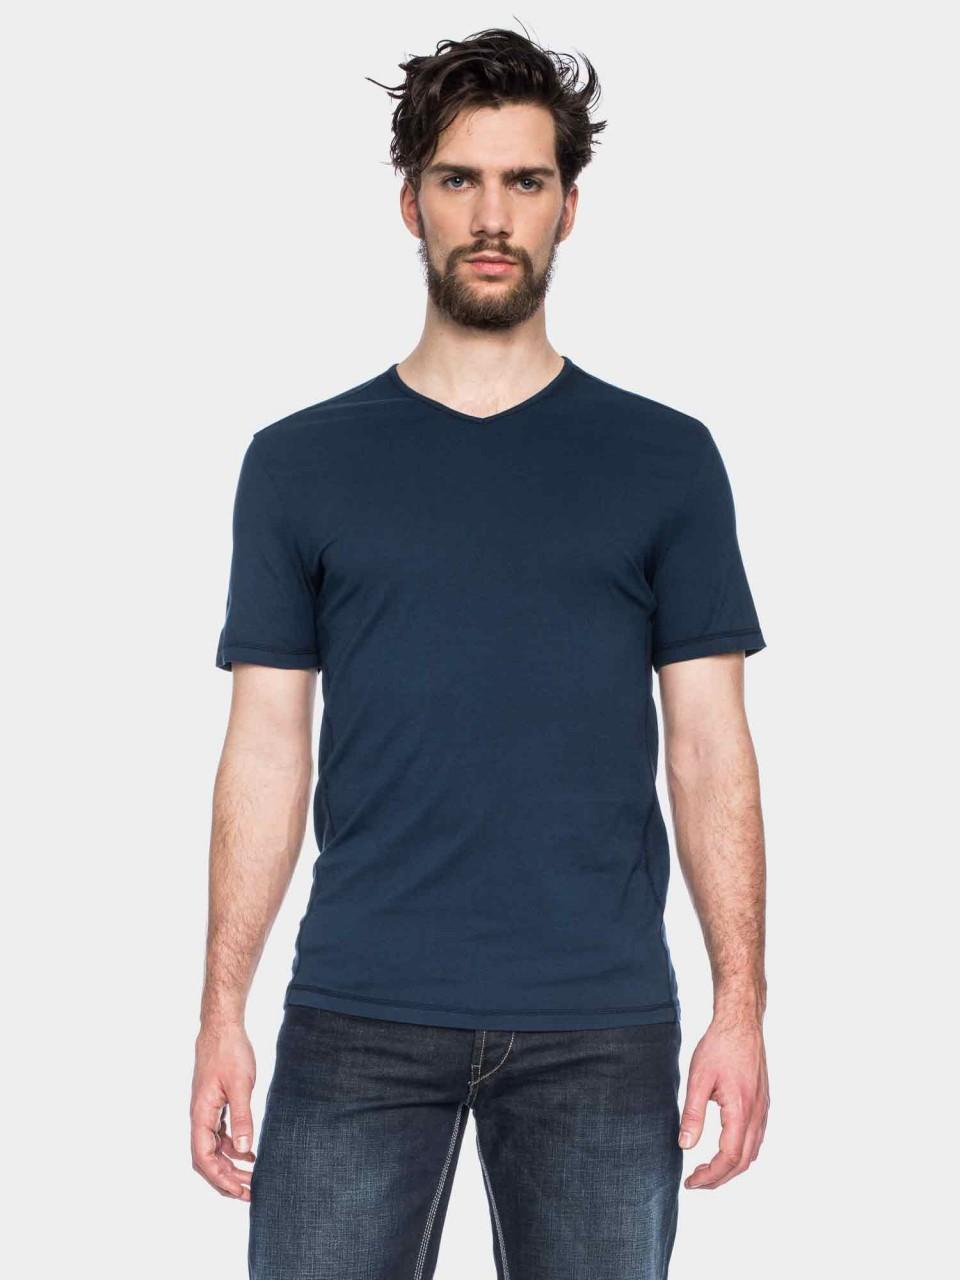 N T-Shirt Peng OC DBL